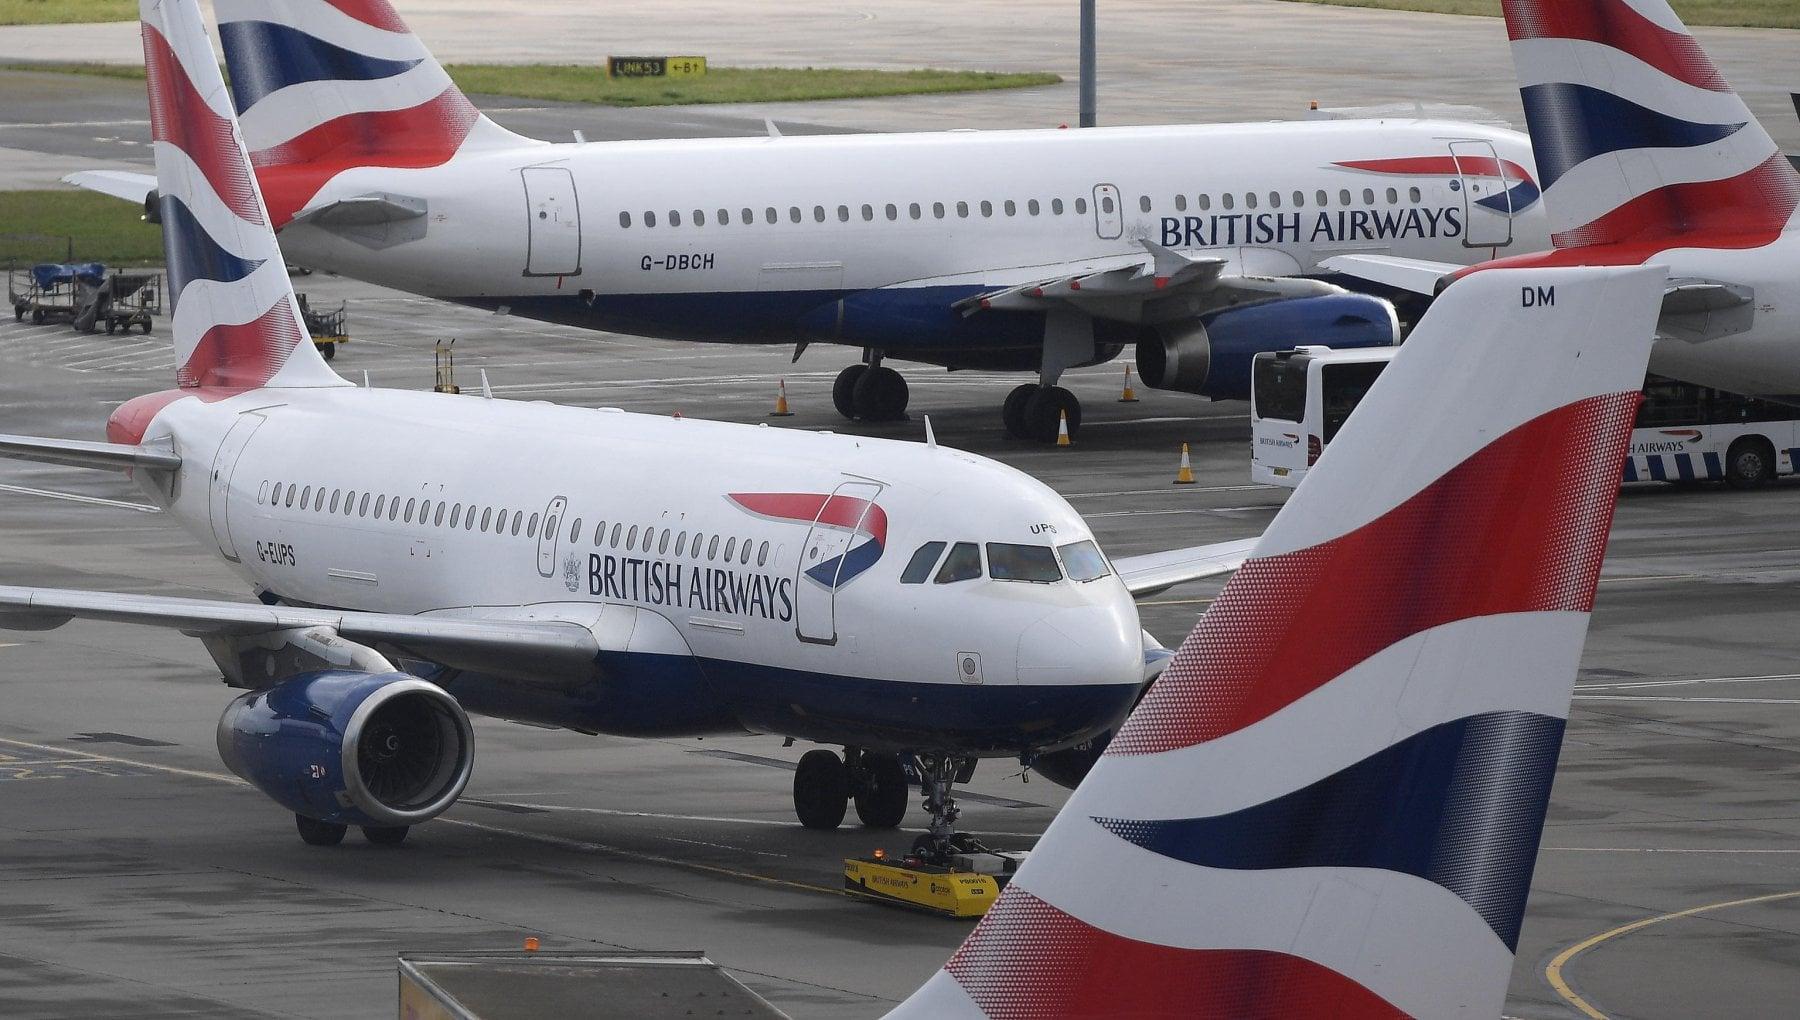 Variante inglese del virus, l'Italia blocca i voli con la Gran Bretagna fino al 6 gennaio. Domani vertice di emergenza Ue - la Repubblica